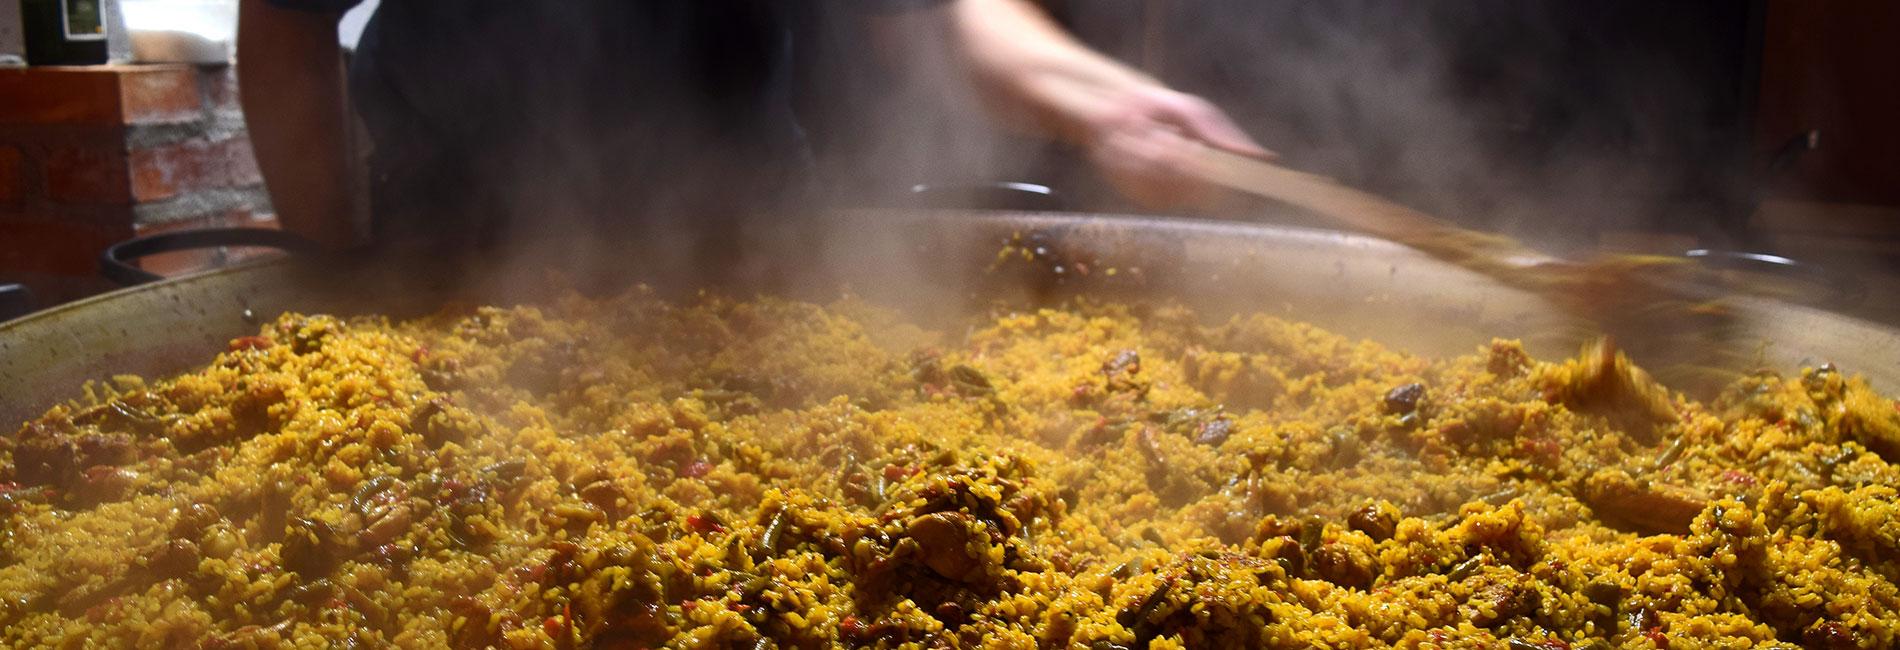 curso-cocina-arroces-de-espanya-ecotur-ecuela-cocina-turismo-valencia